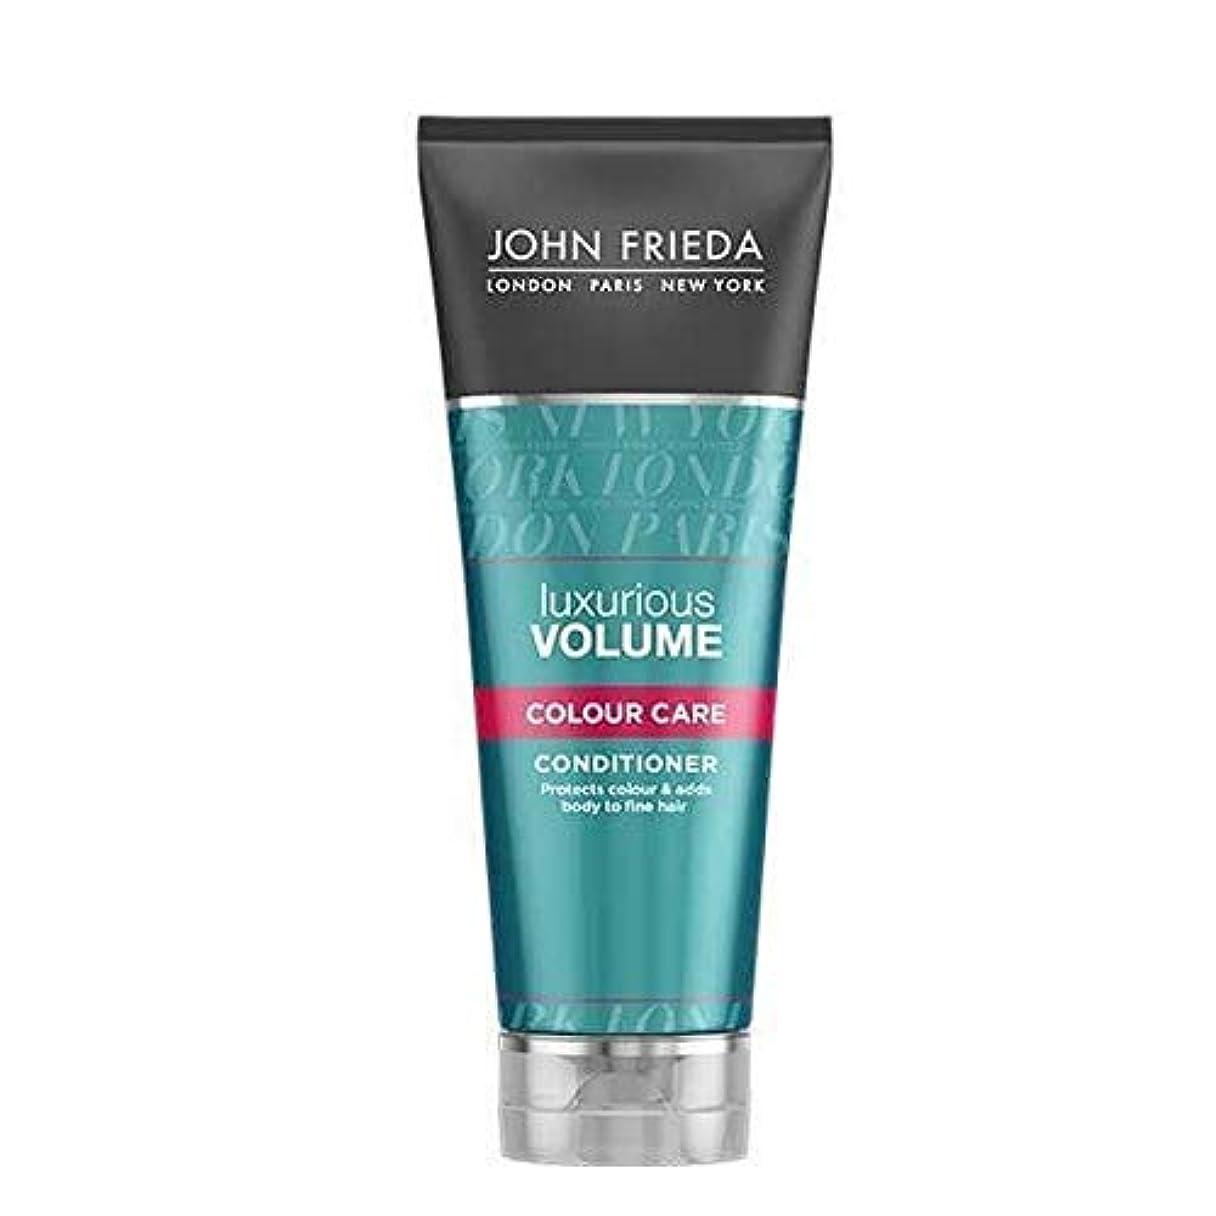 クラックポット抽出幻想[John Frieda ] ジョン?フリーダ贅沢なボリュームカラーケアコンディショナー250Ml - John Frieda Luxurious Volume Colour Care Conditioner 250ml [並行輸入品]